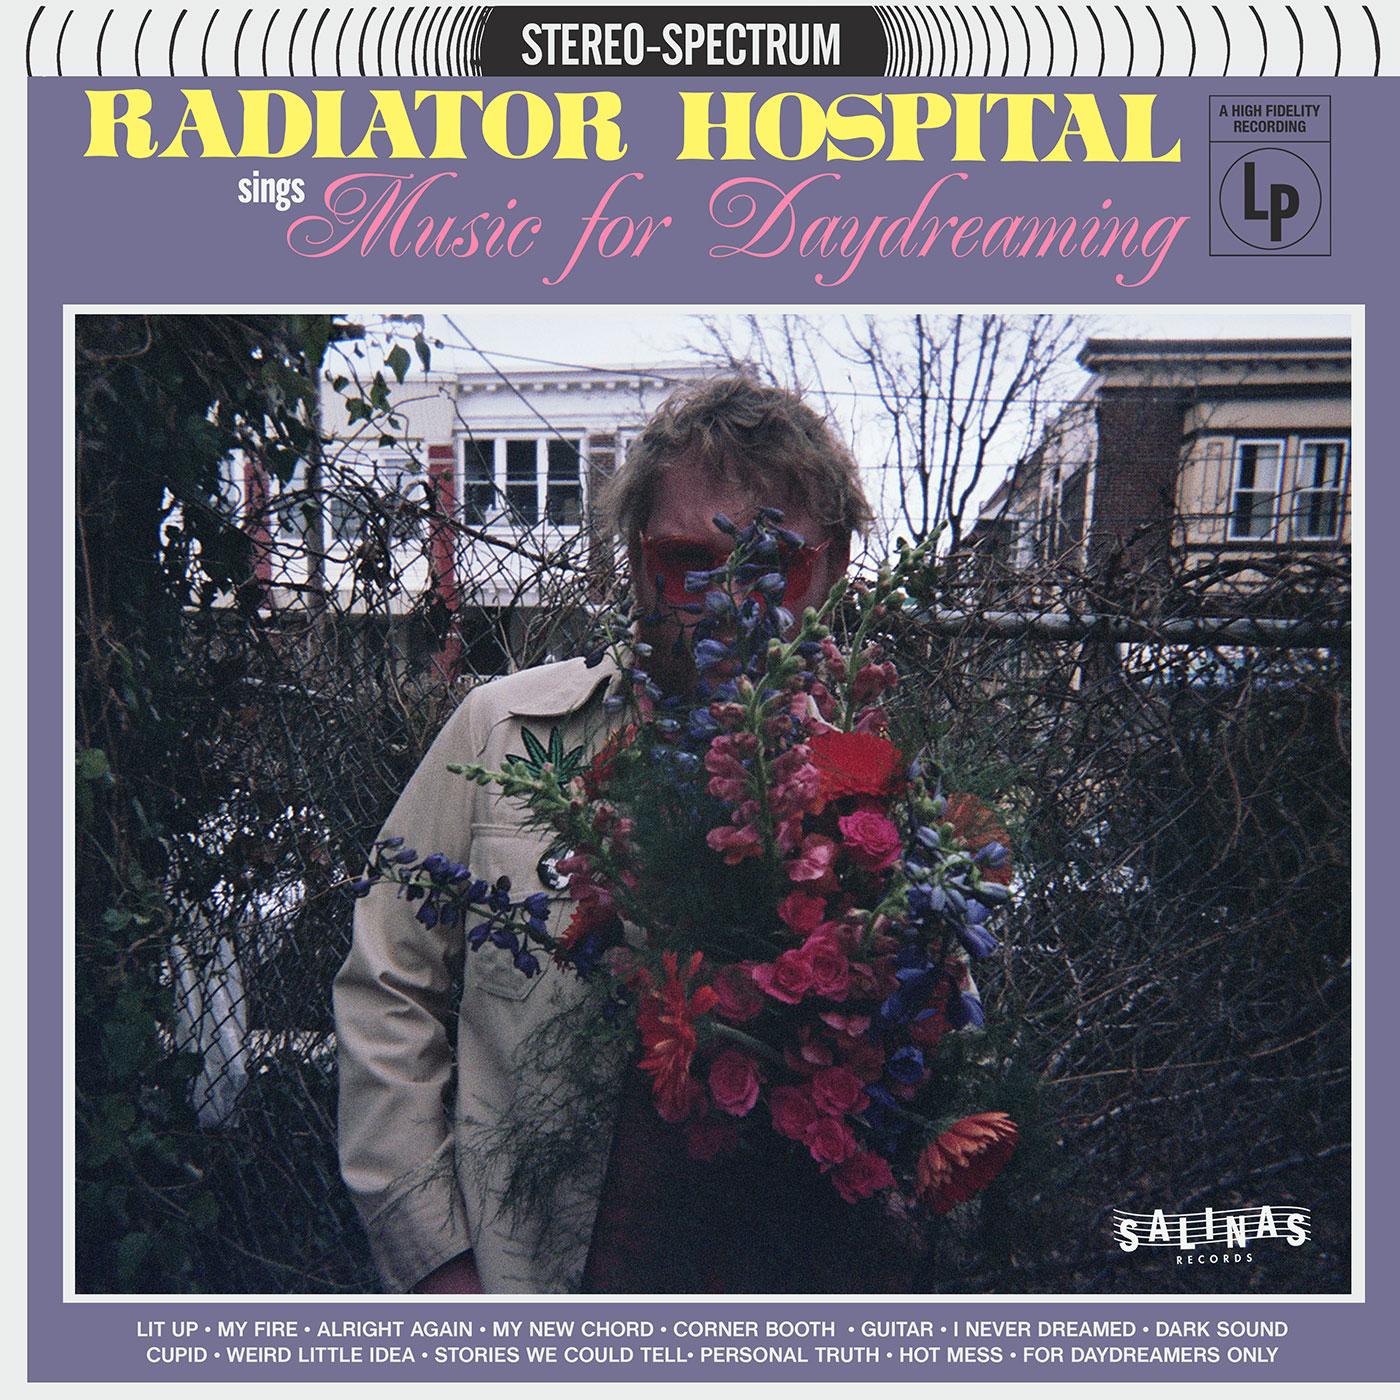 Radiator Hospital Music For Daydreaming Album Art.jpg